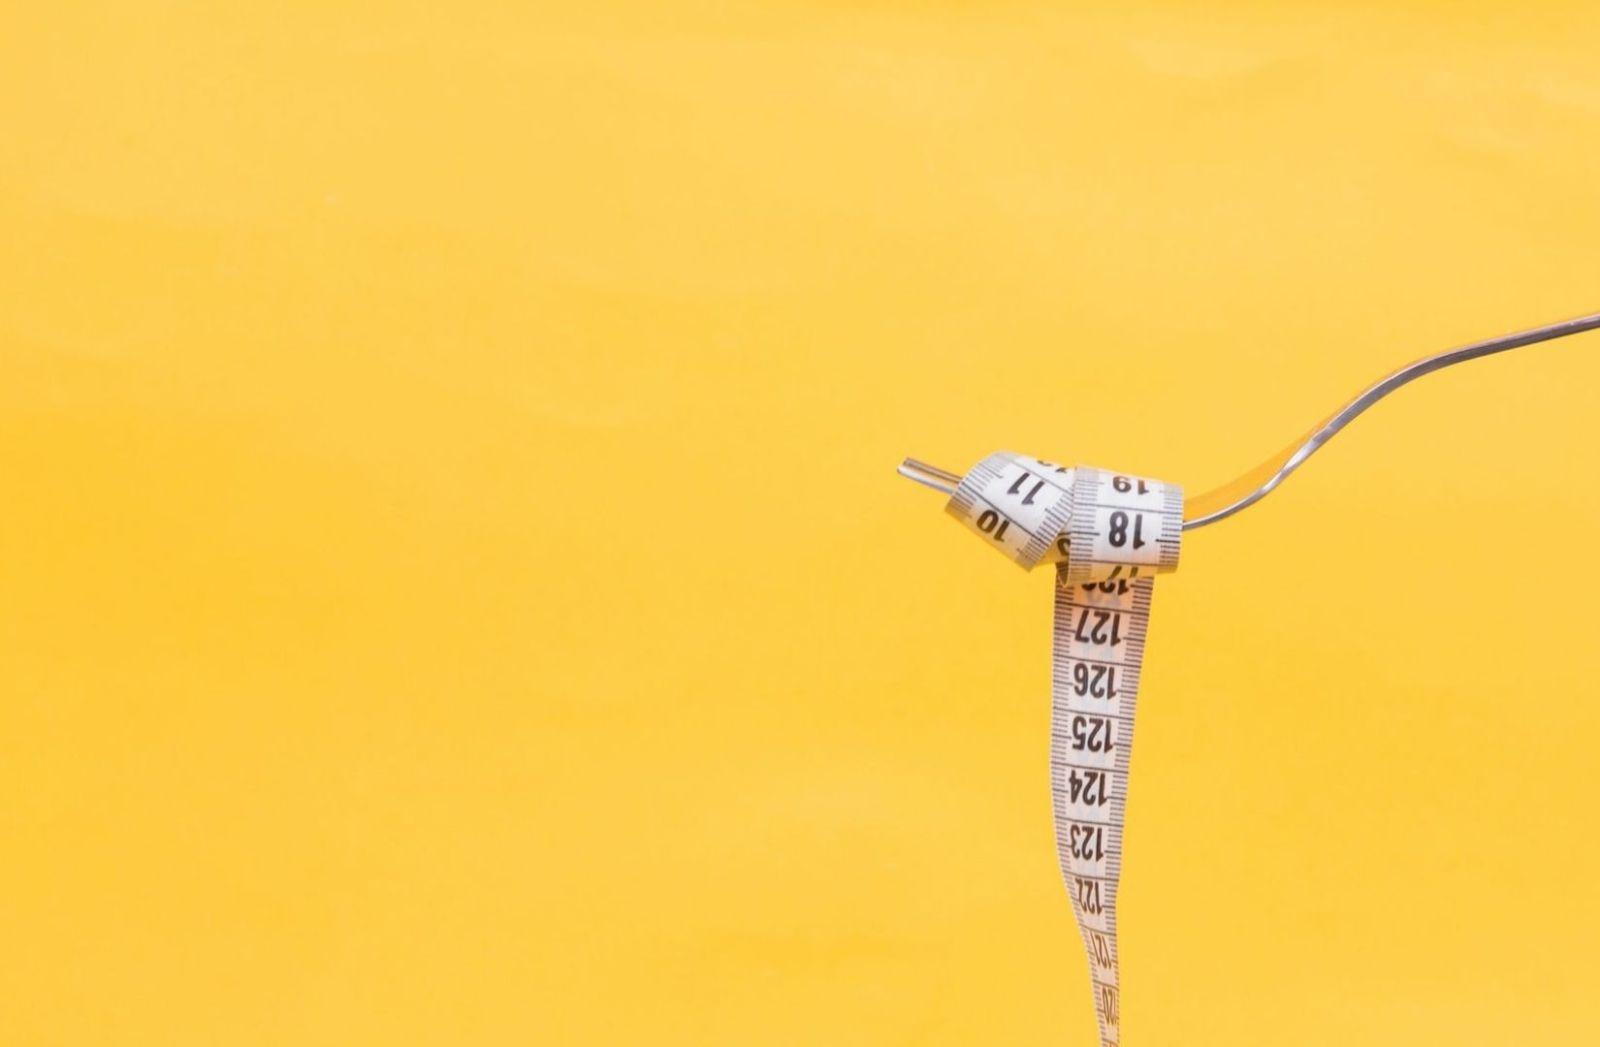 Gabel und Massband vor gelben Hintergrund als Symbol für den Versuch der Gewichtsreduktion. (Foto: Diana Polekhina, Unsplash.com)